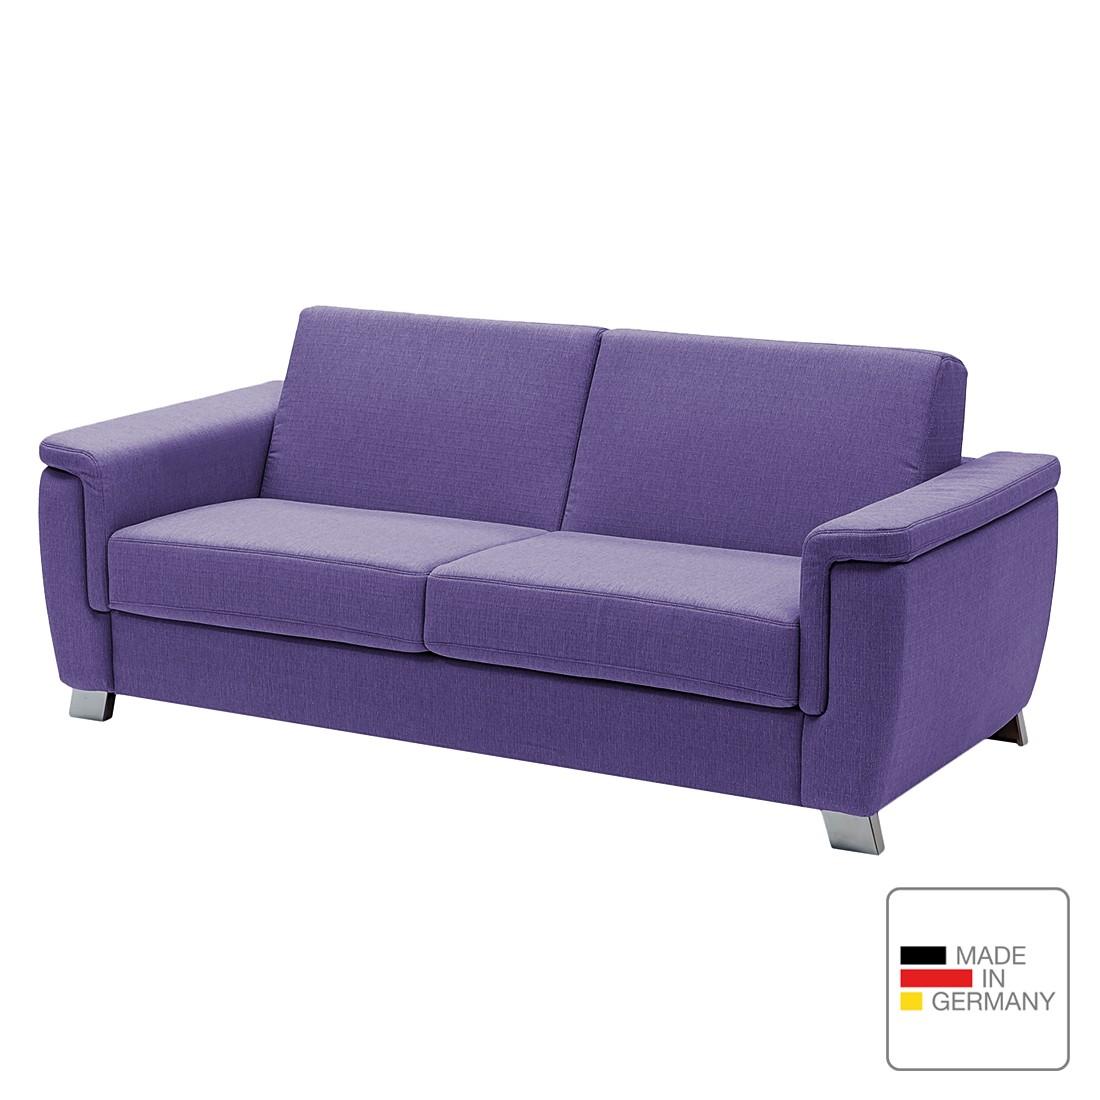 Schlafsofa Pidaro I – Webstoff – Schaumstoff – Violett – Breite Armlehne, Studio Monroe jetzt bestellen